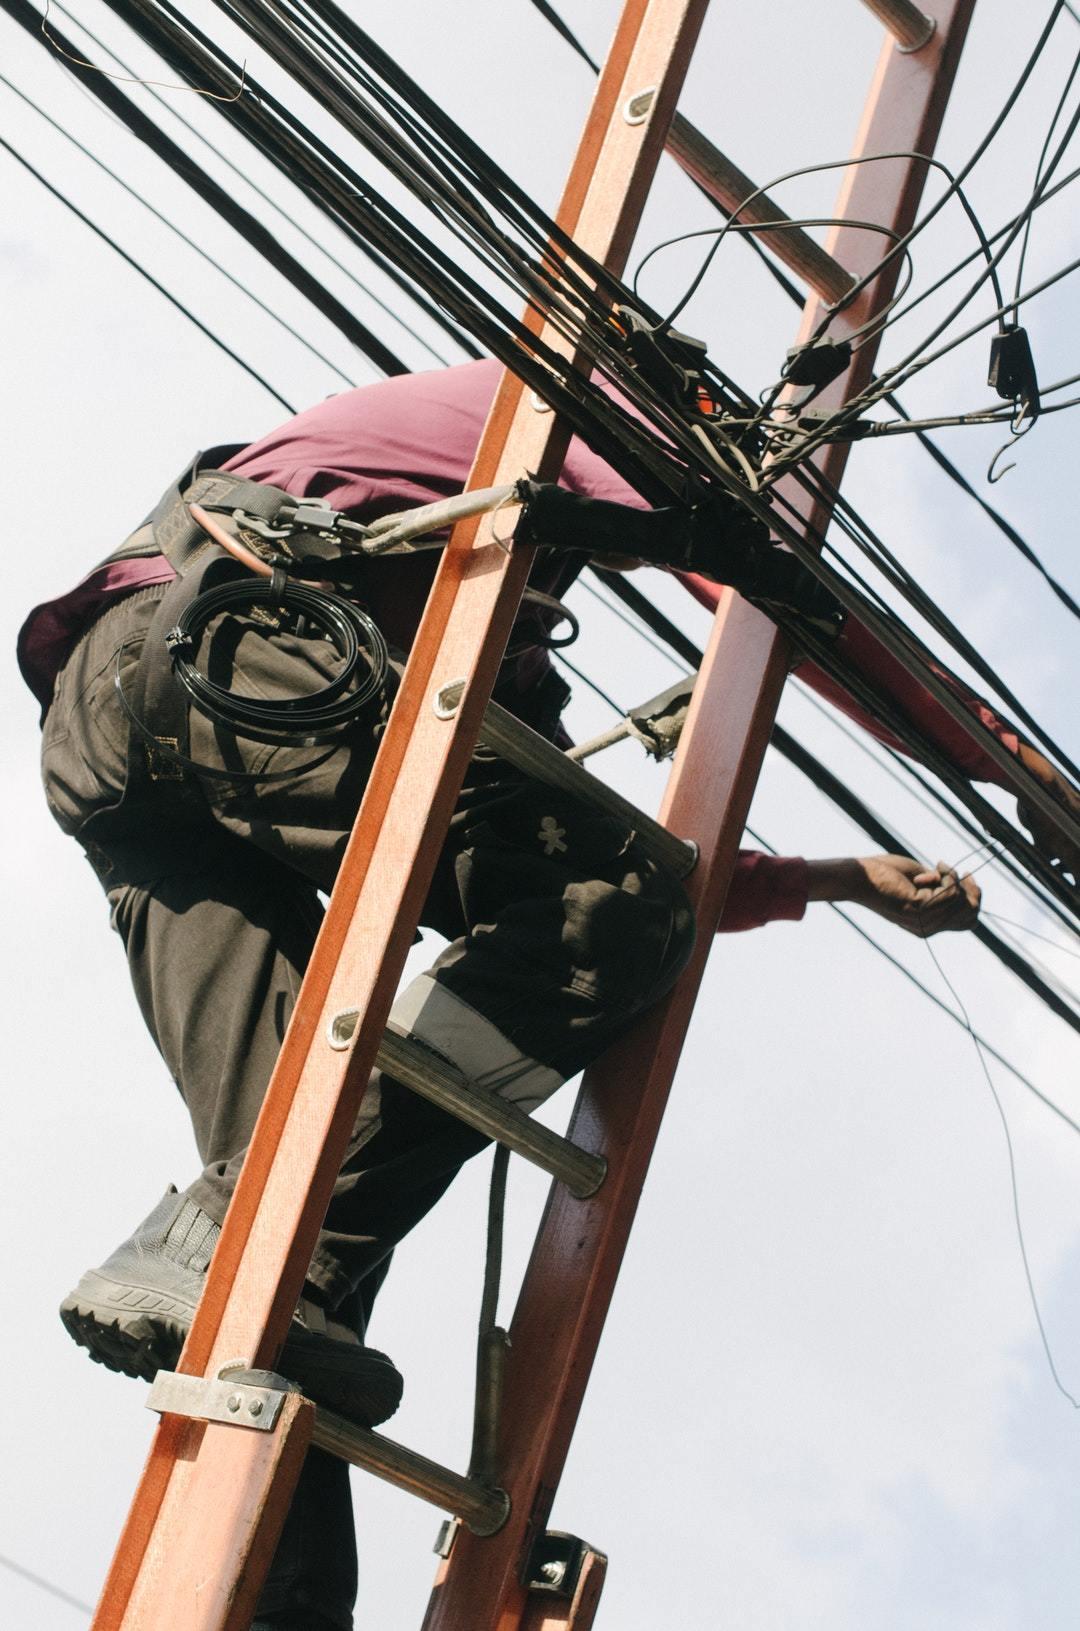 Choosing an Electrician